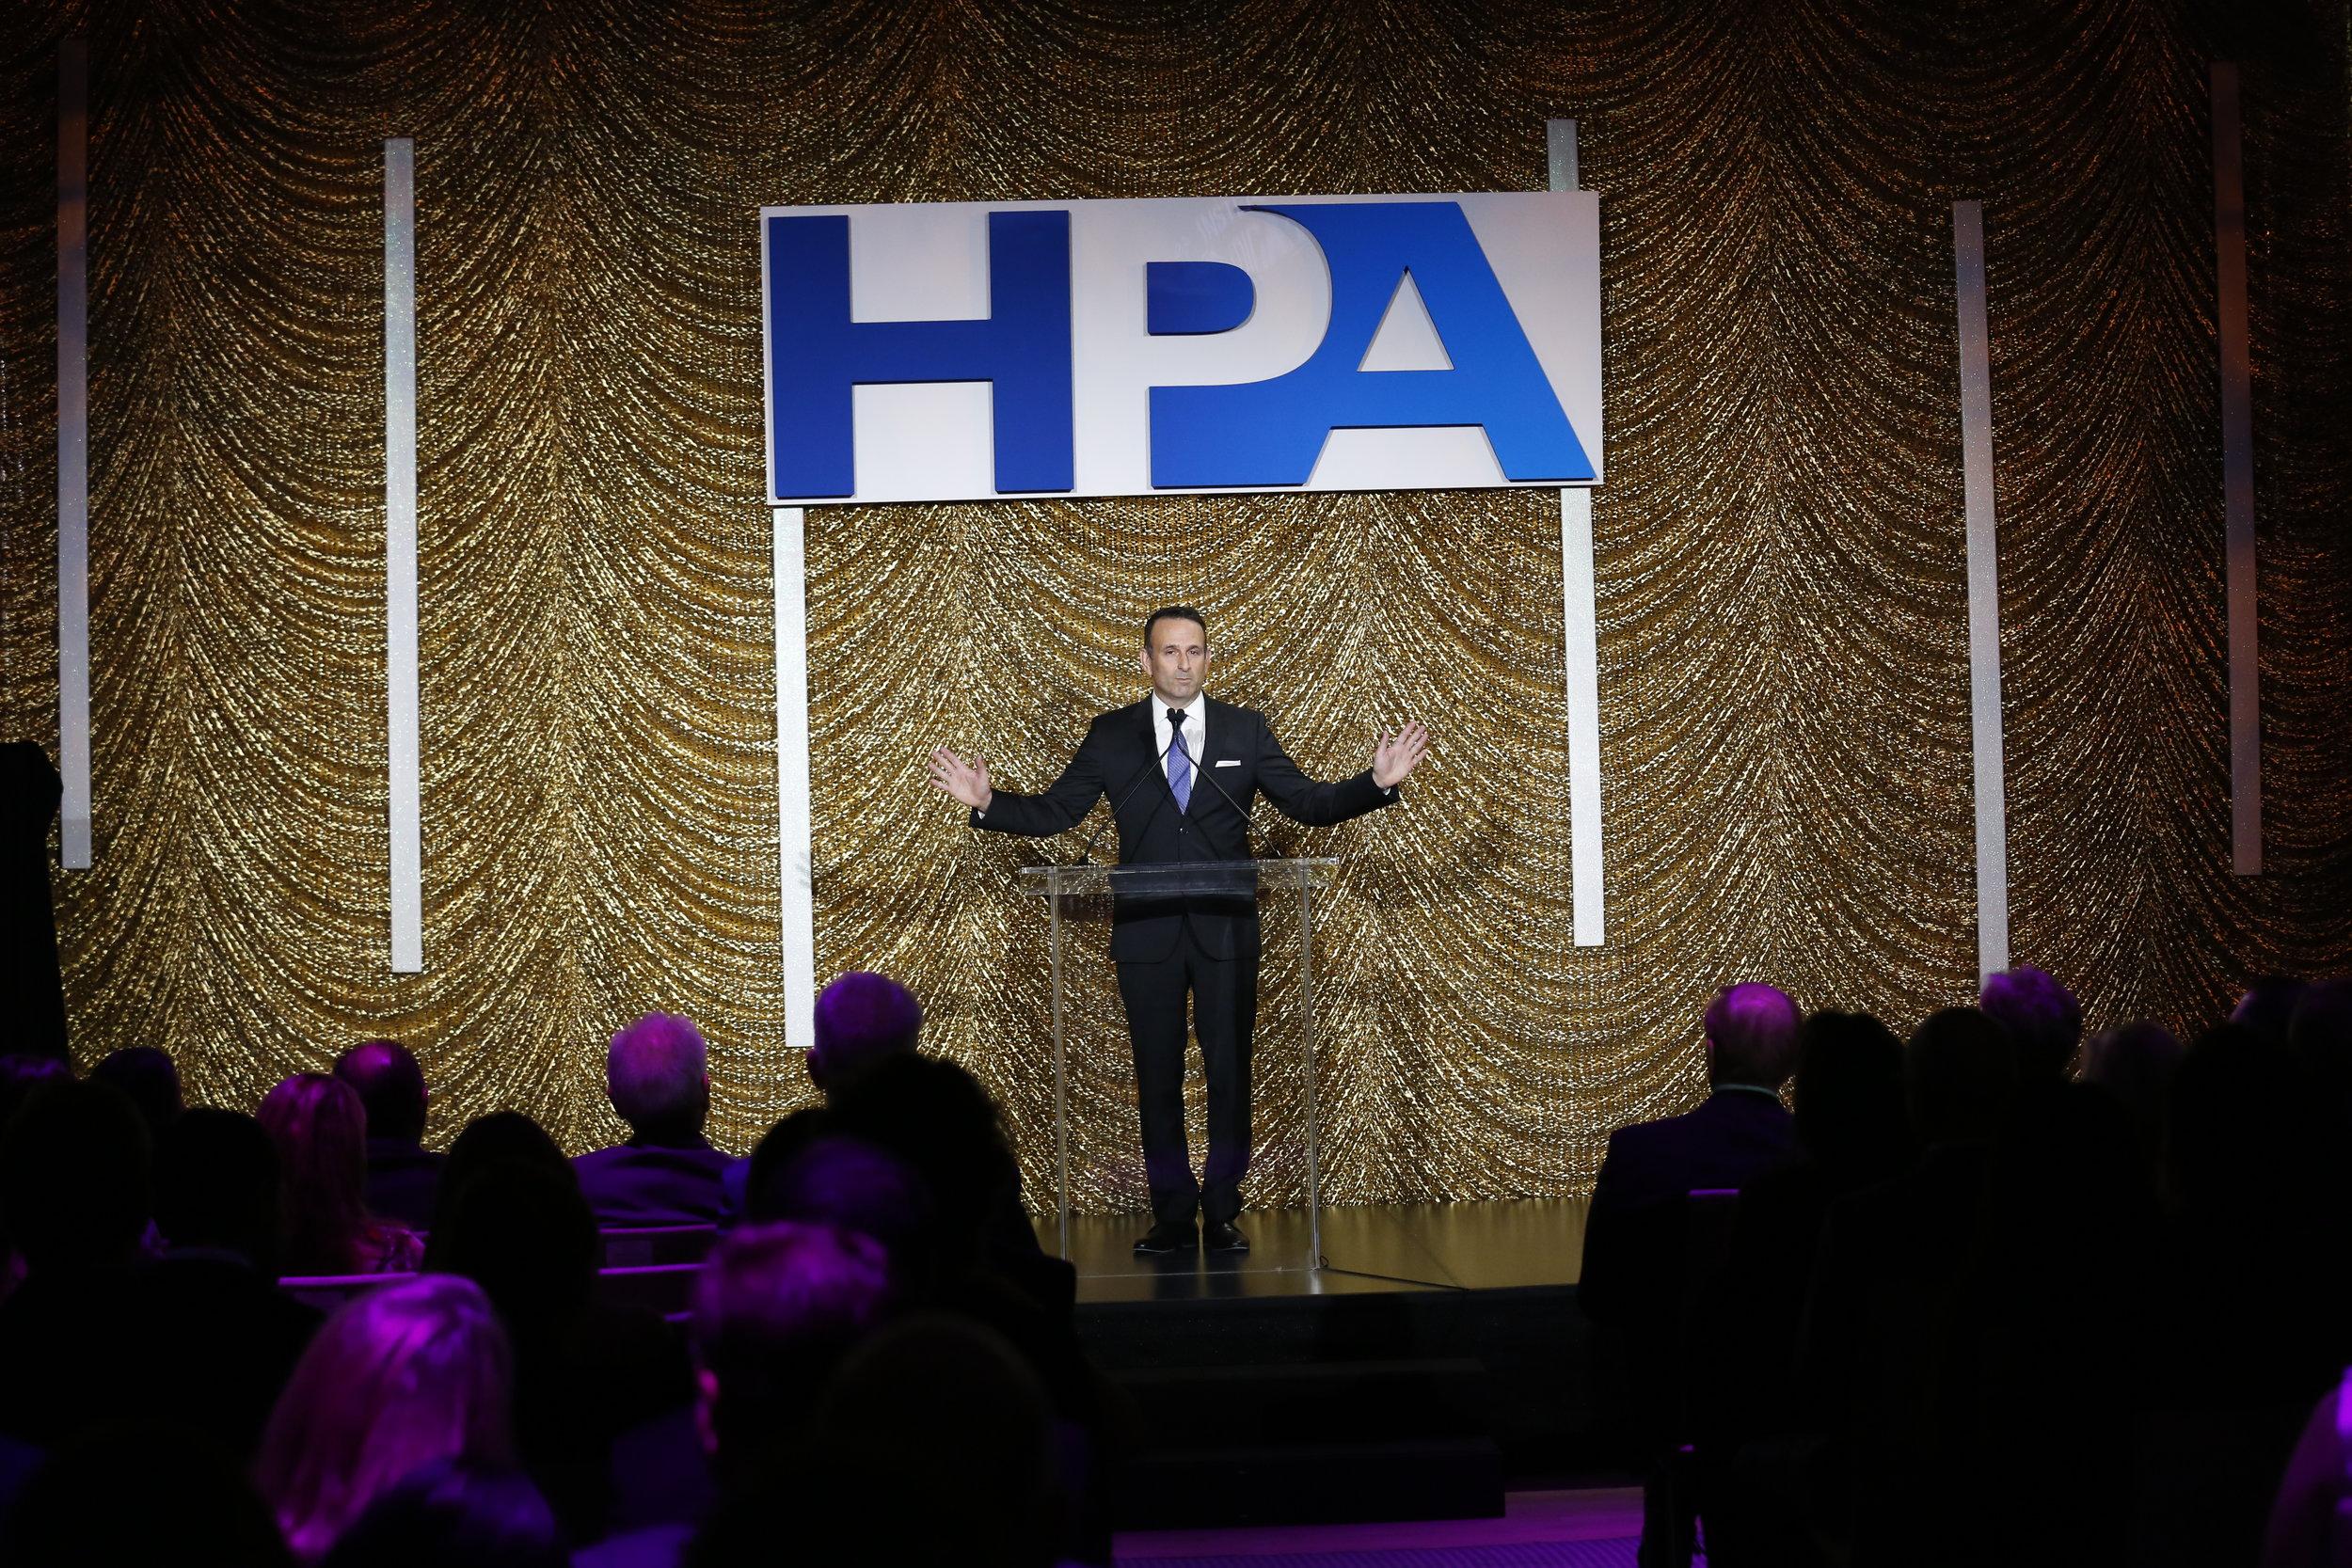 hpa-awards-ceremony-los-angeles-america---15-nov-2018_44991177015_o.jpg